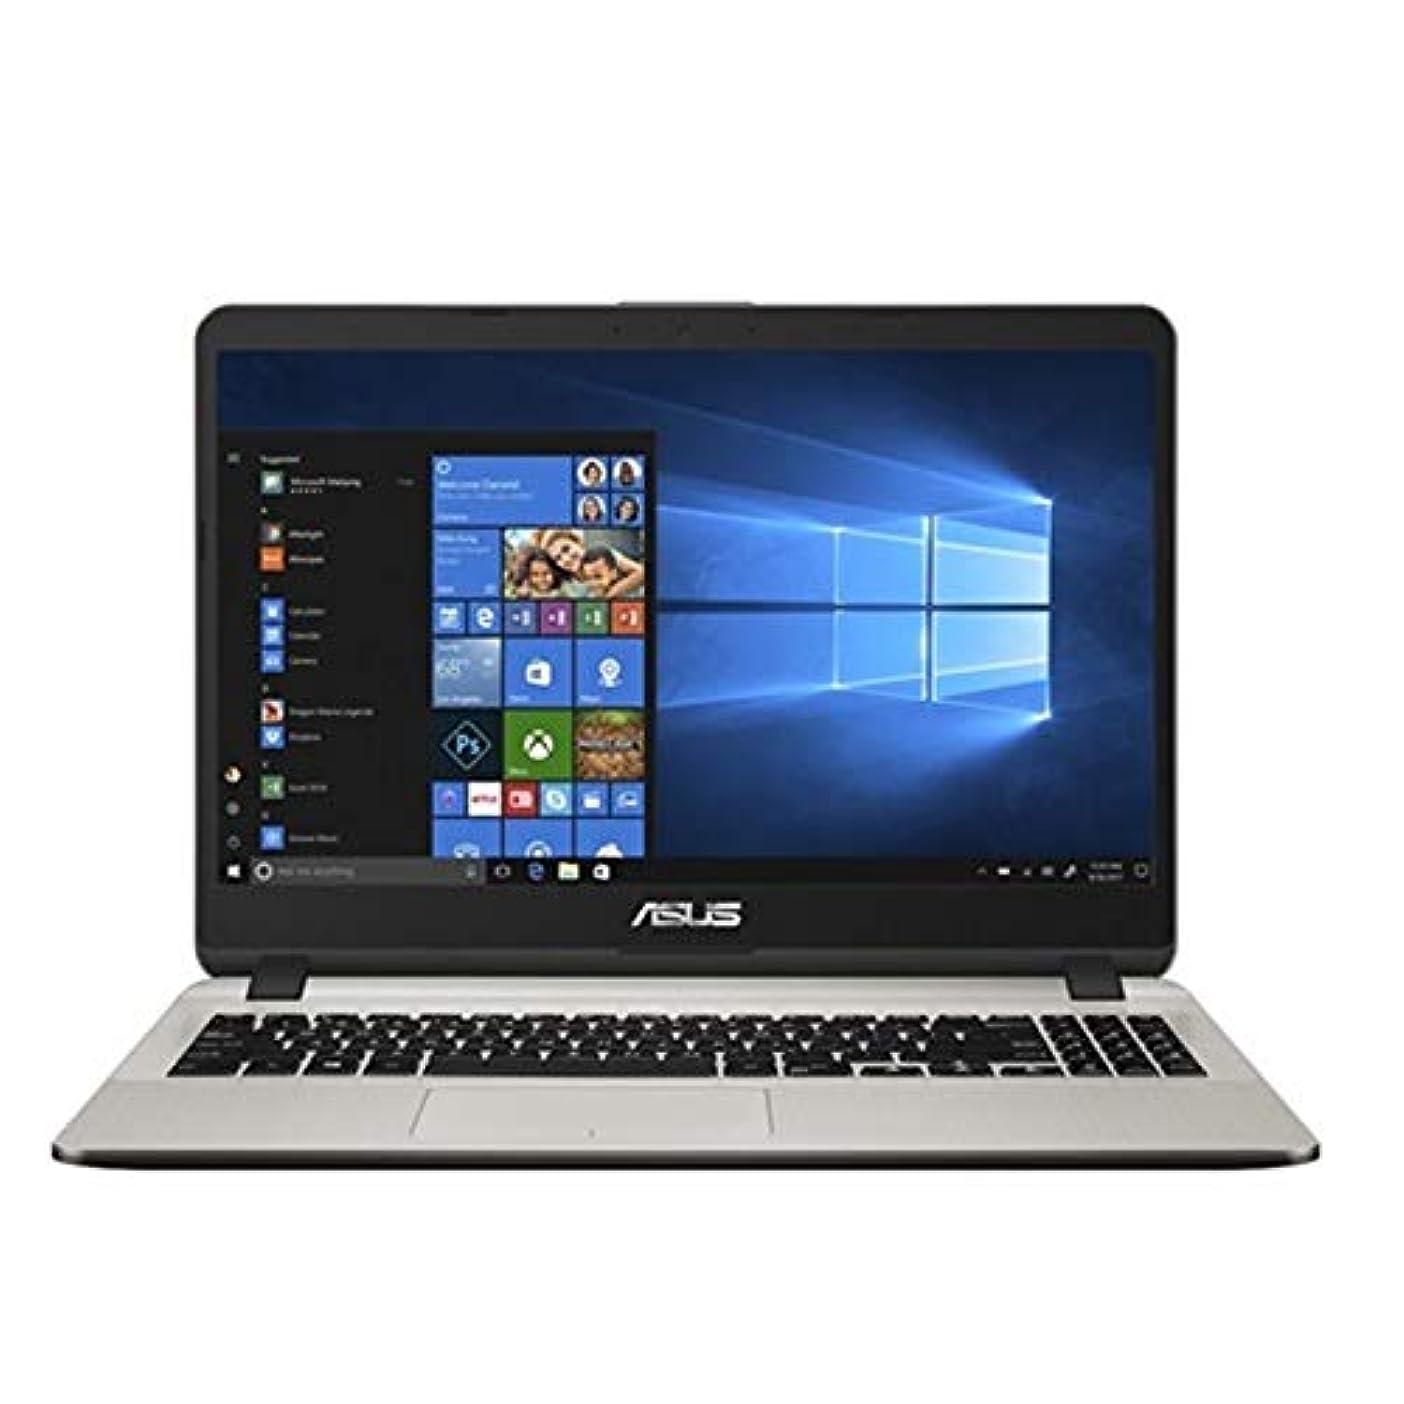 軌道リンスドルASUS ノートパソコン X507MA 15.6型/Celeron N4000/4GB/500GB/ゴールド/Win10/X507MA-BR152T